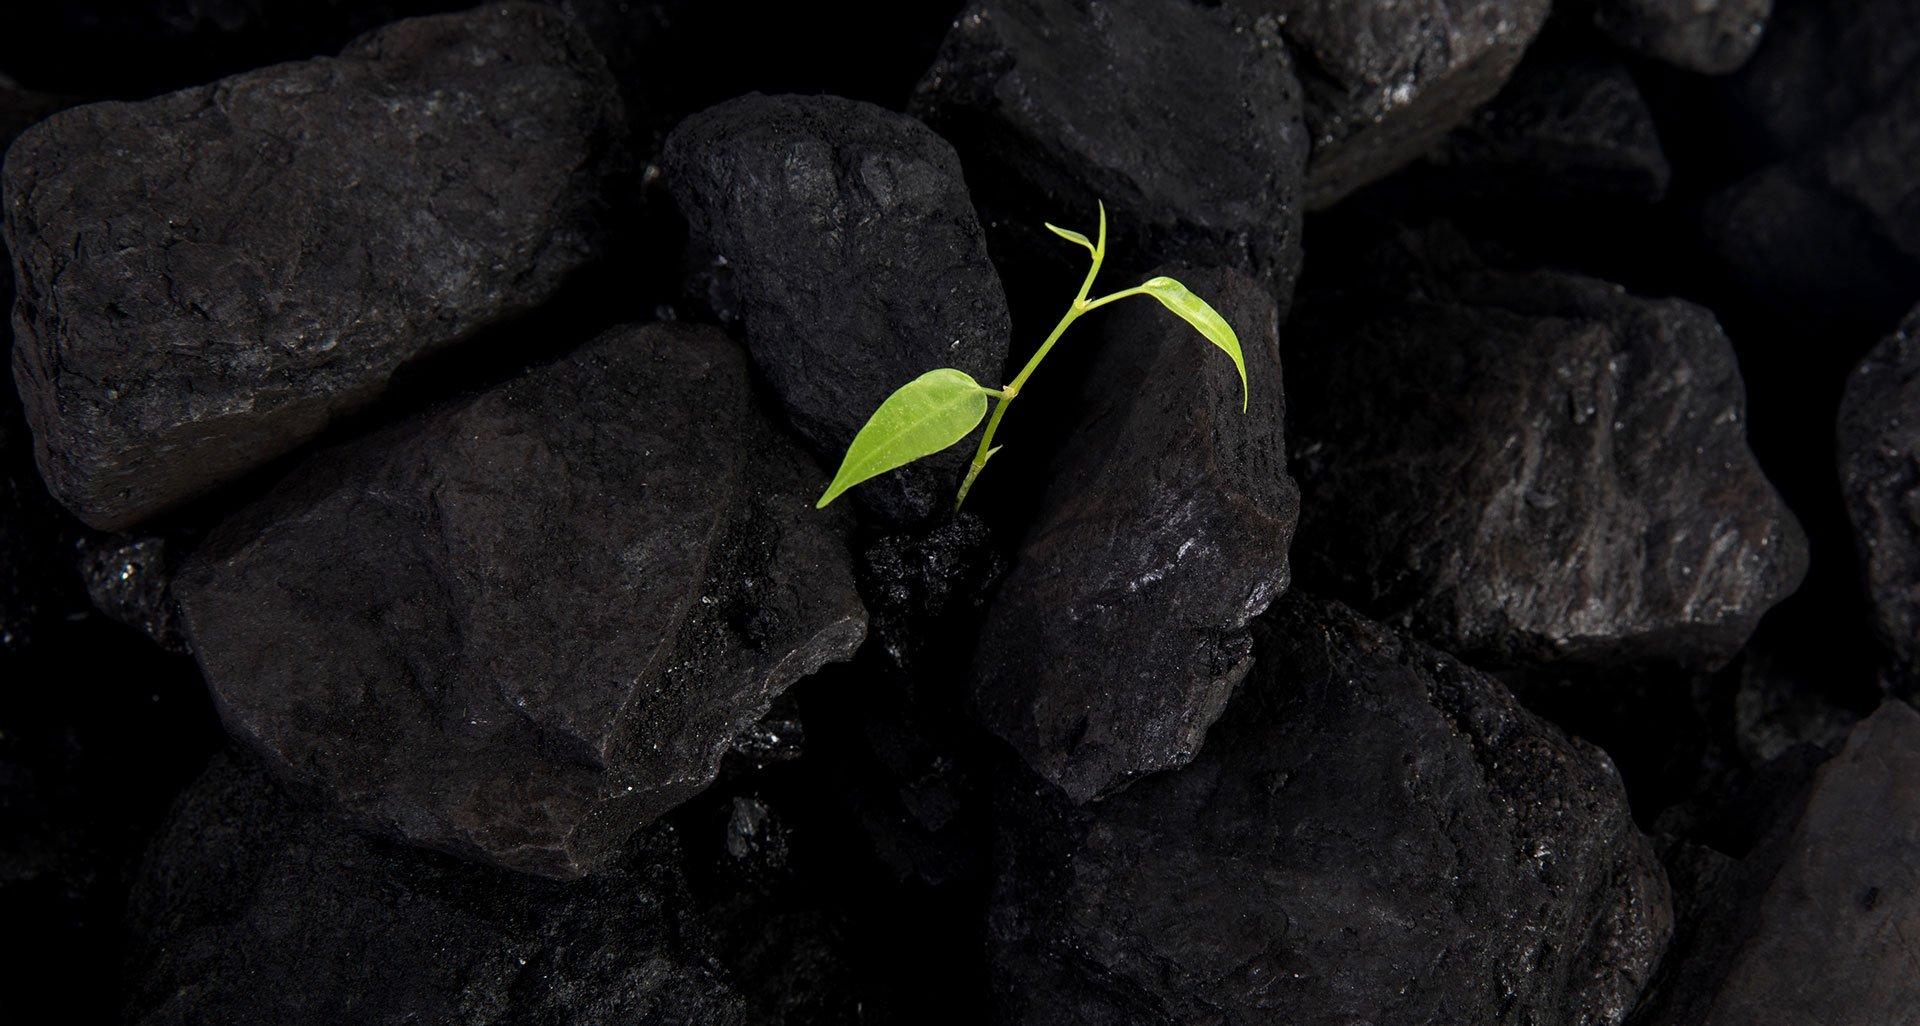 คาร์บอนสีเขียว